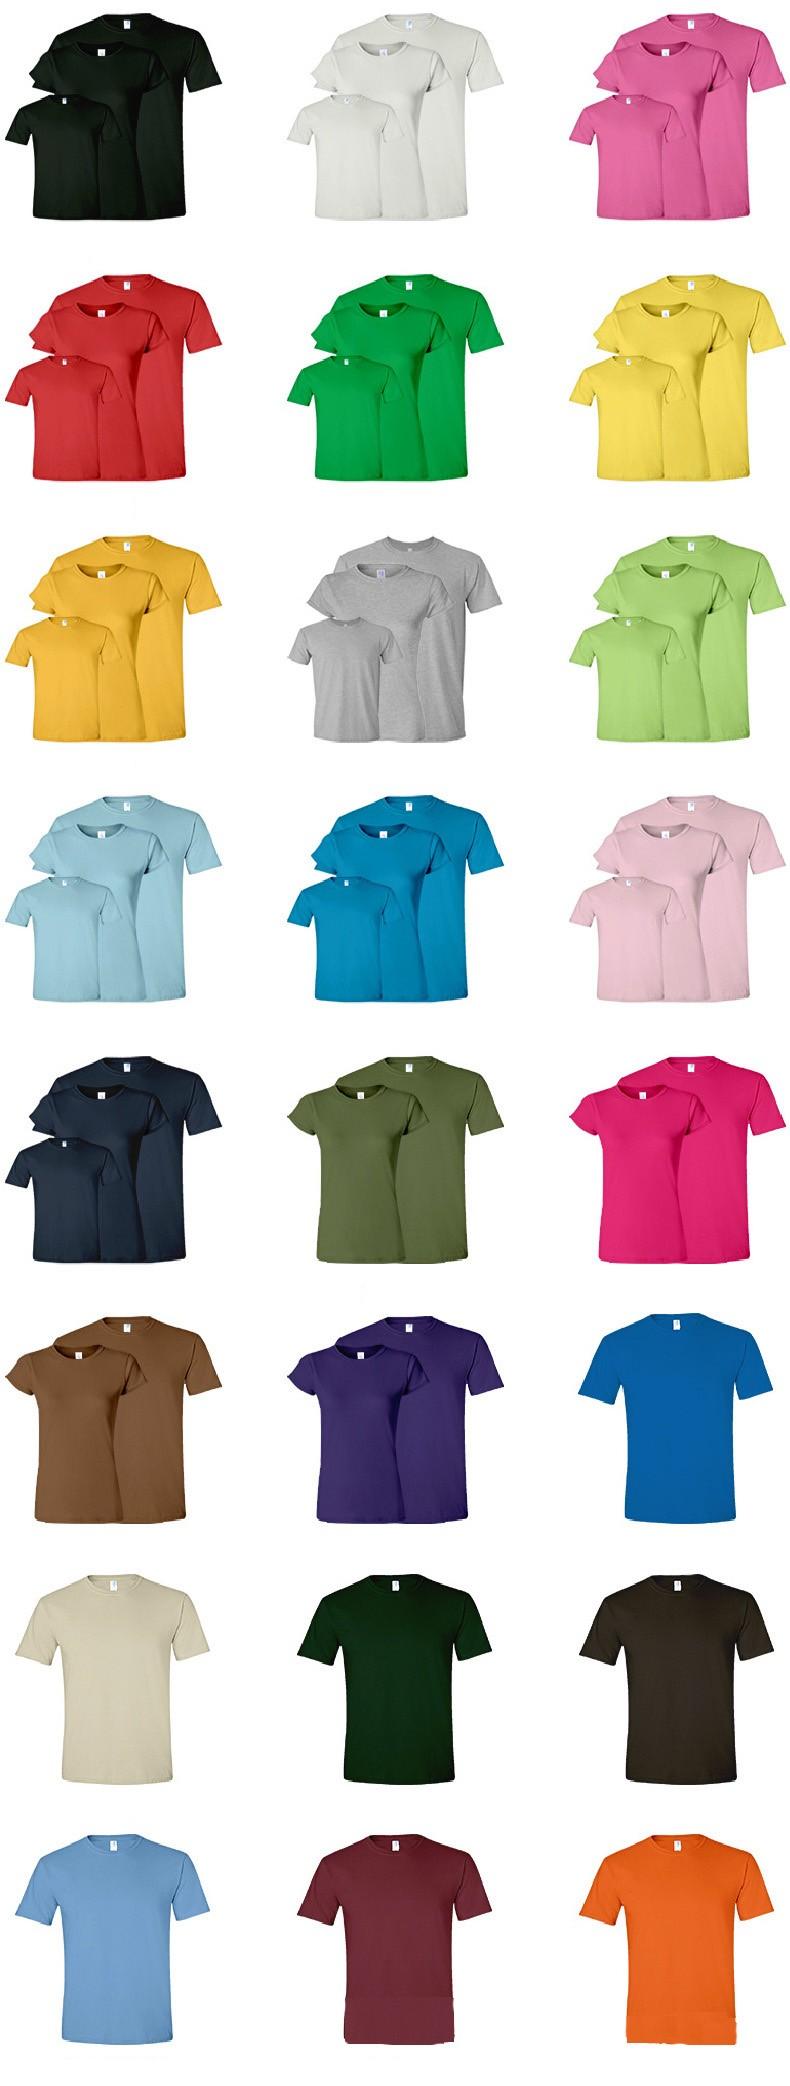 उच्च गुणवत्ता 100% कपास अमेरिकी आकार ओ-गर्दन पुरुषों की oem लोगो सादे रिक्त टी शर्ट टी शर्ट टीशर्ट्स थोक